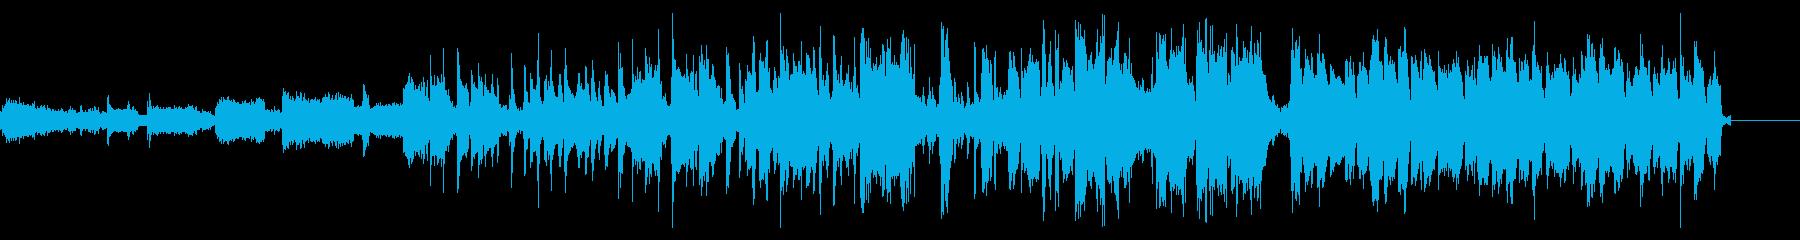 ファンキーなフルートがリードするCM音源の再生済みの波形